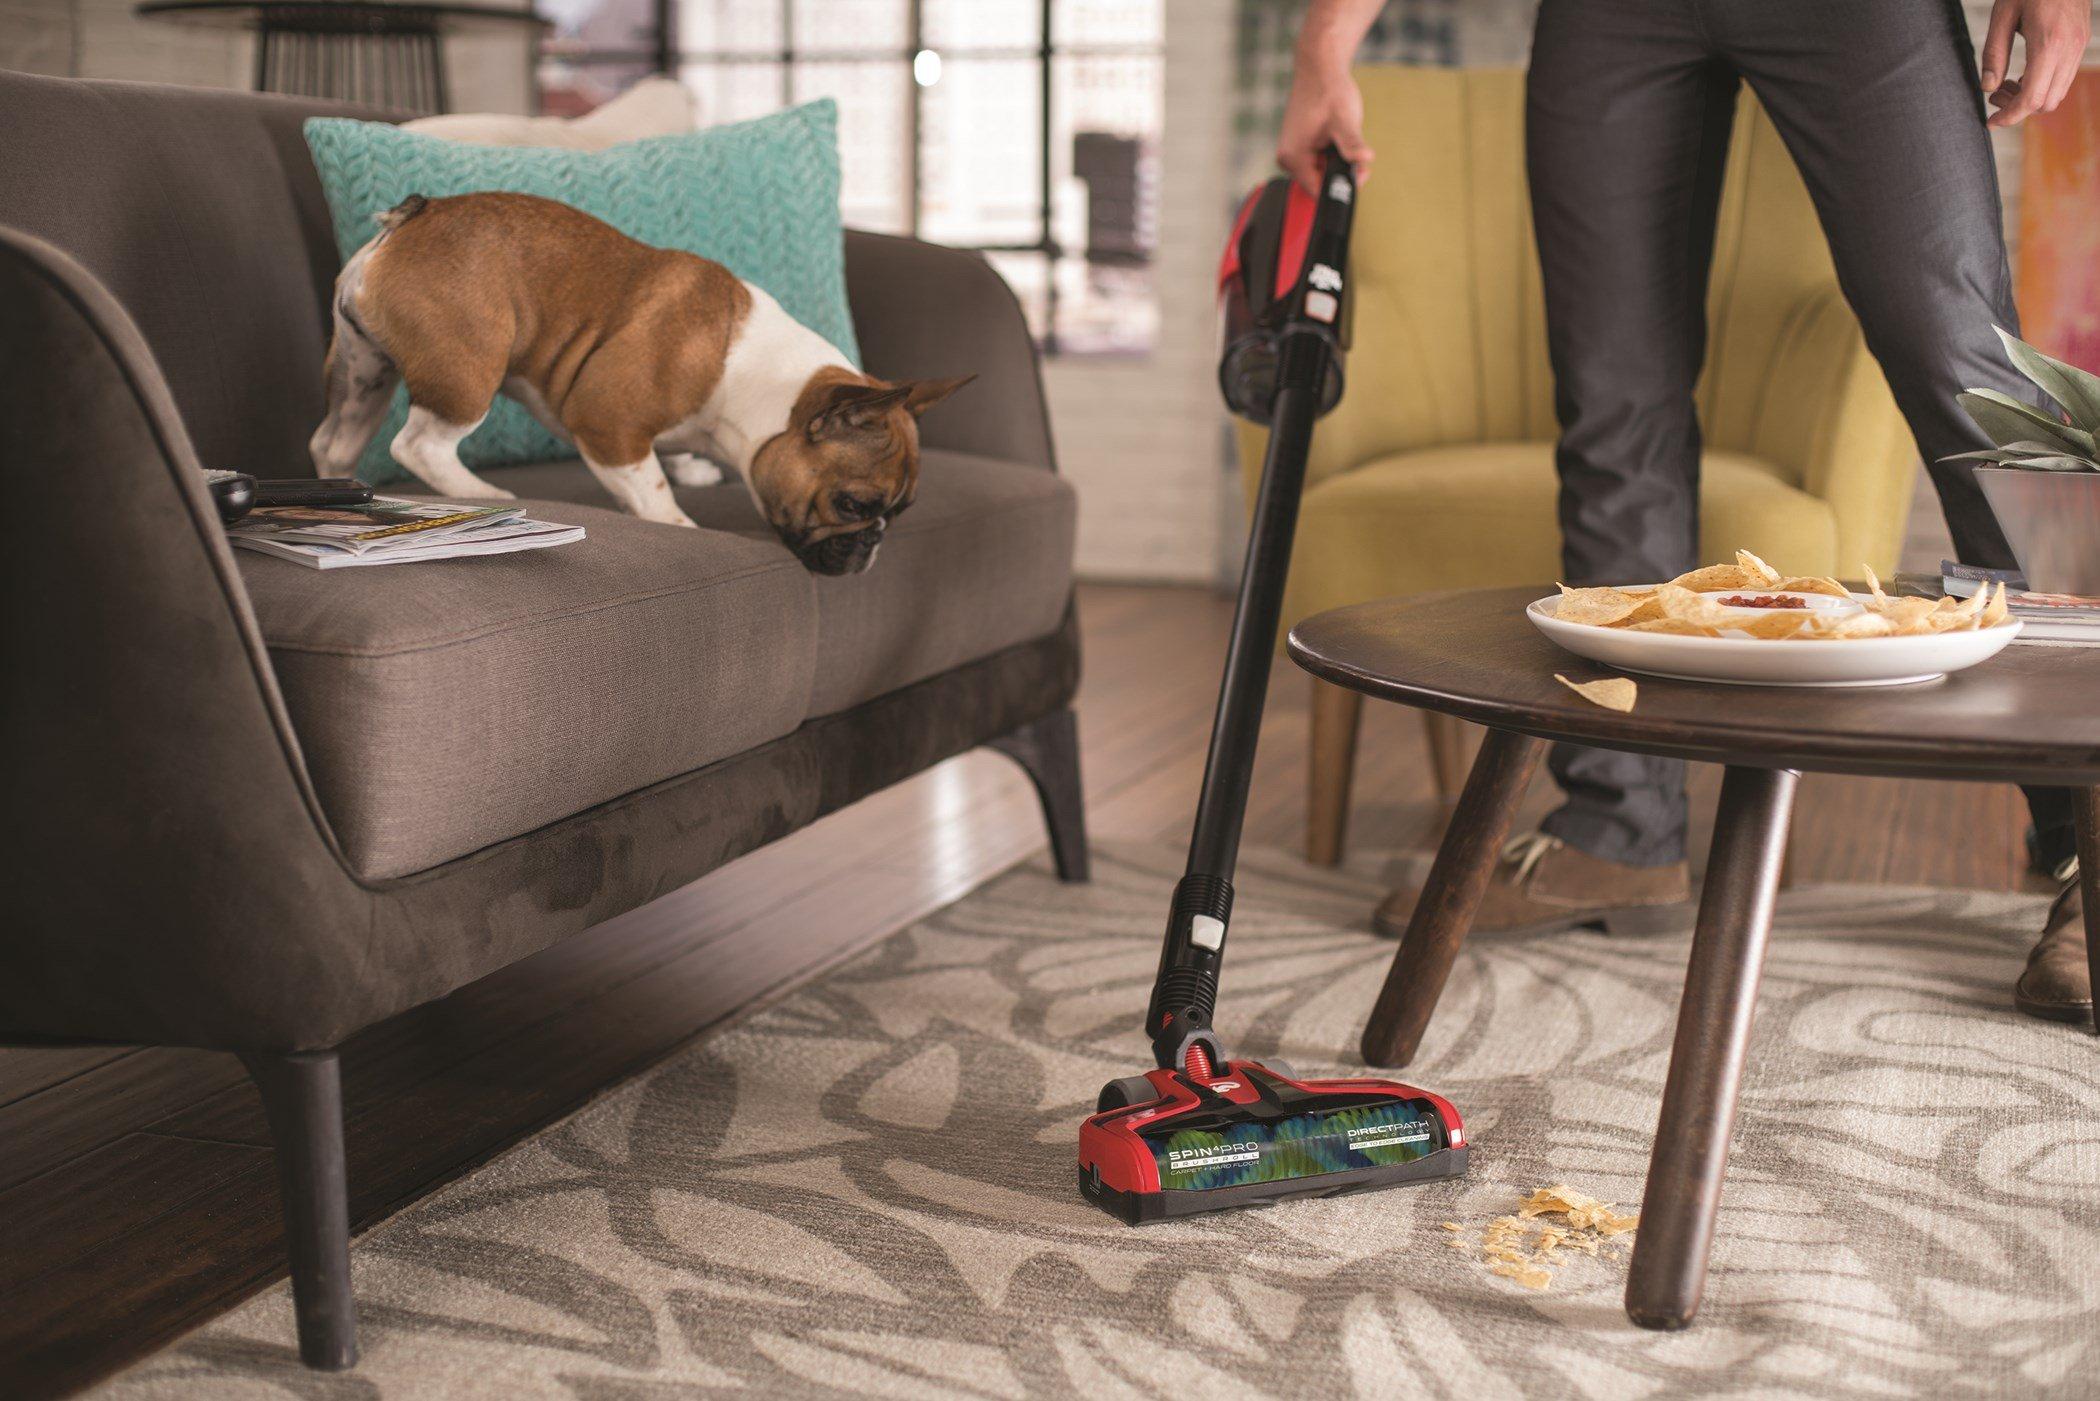 Reach Max Multi 3-in-1 Cordless Stick Vacuum4